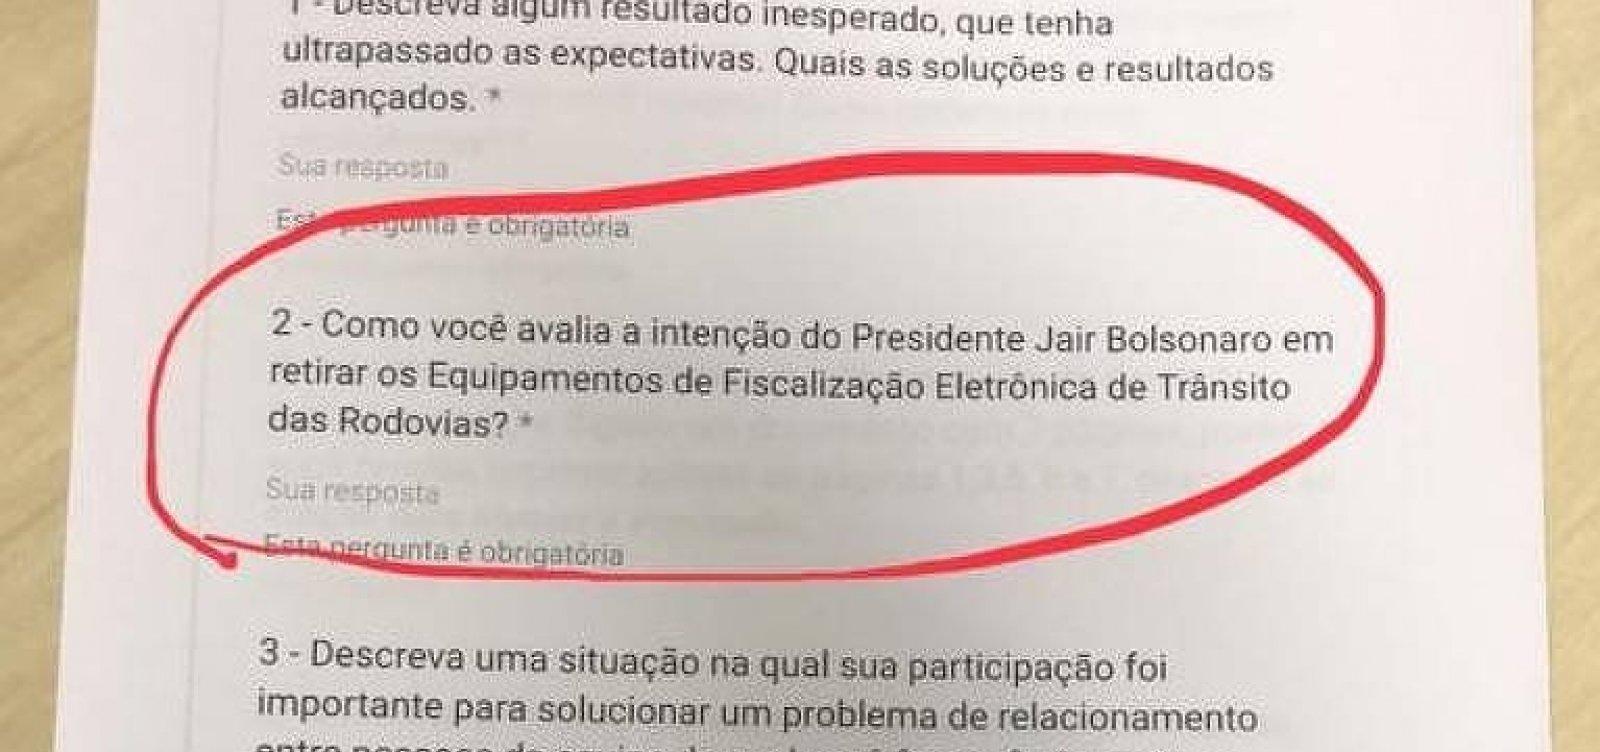 [Questionário para admissão em órgão federal pede opinião sobre projetos de Bolsonaro]